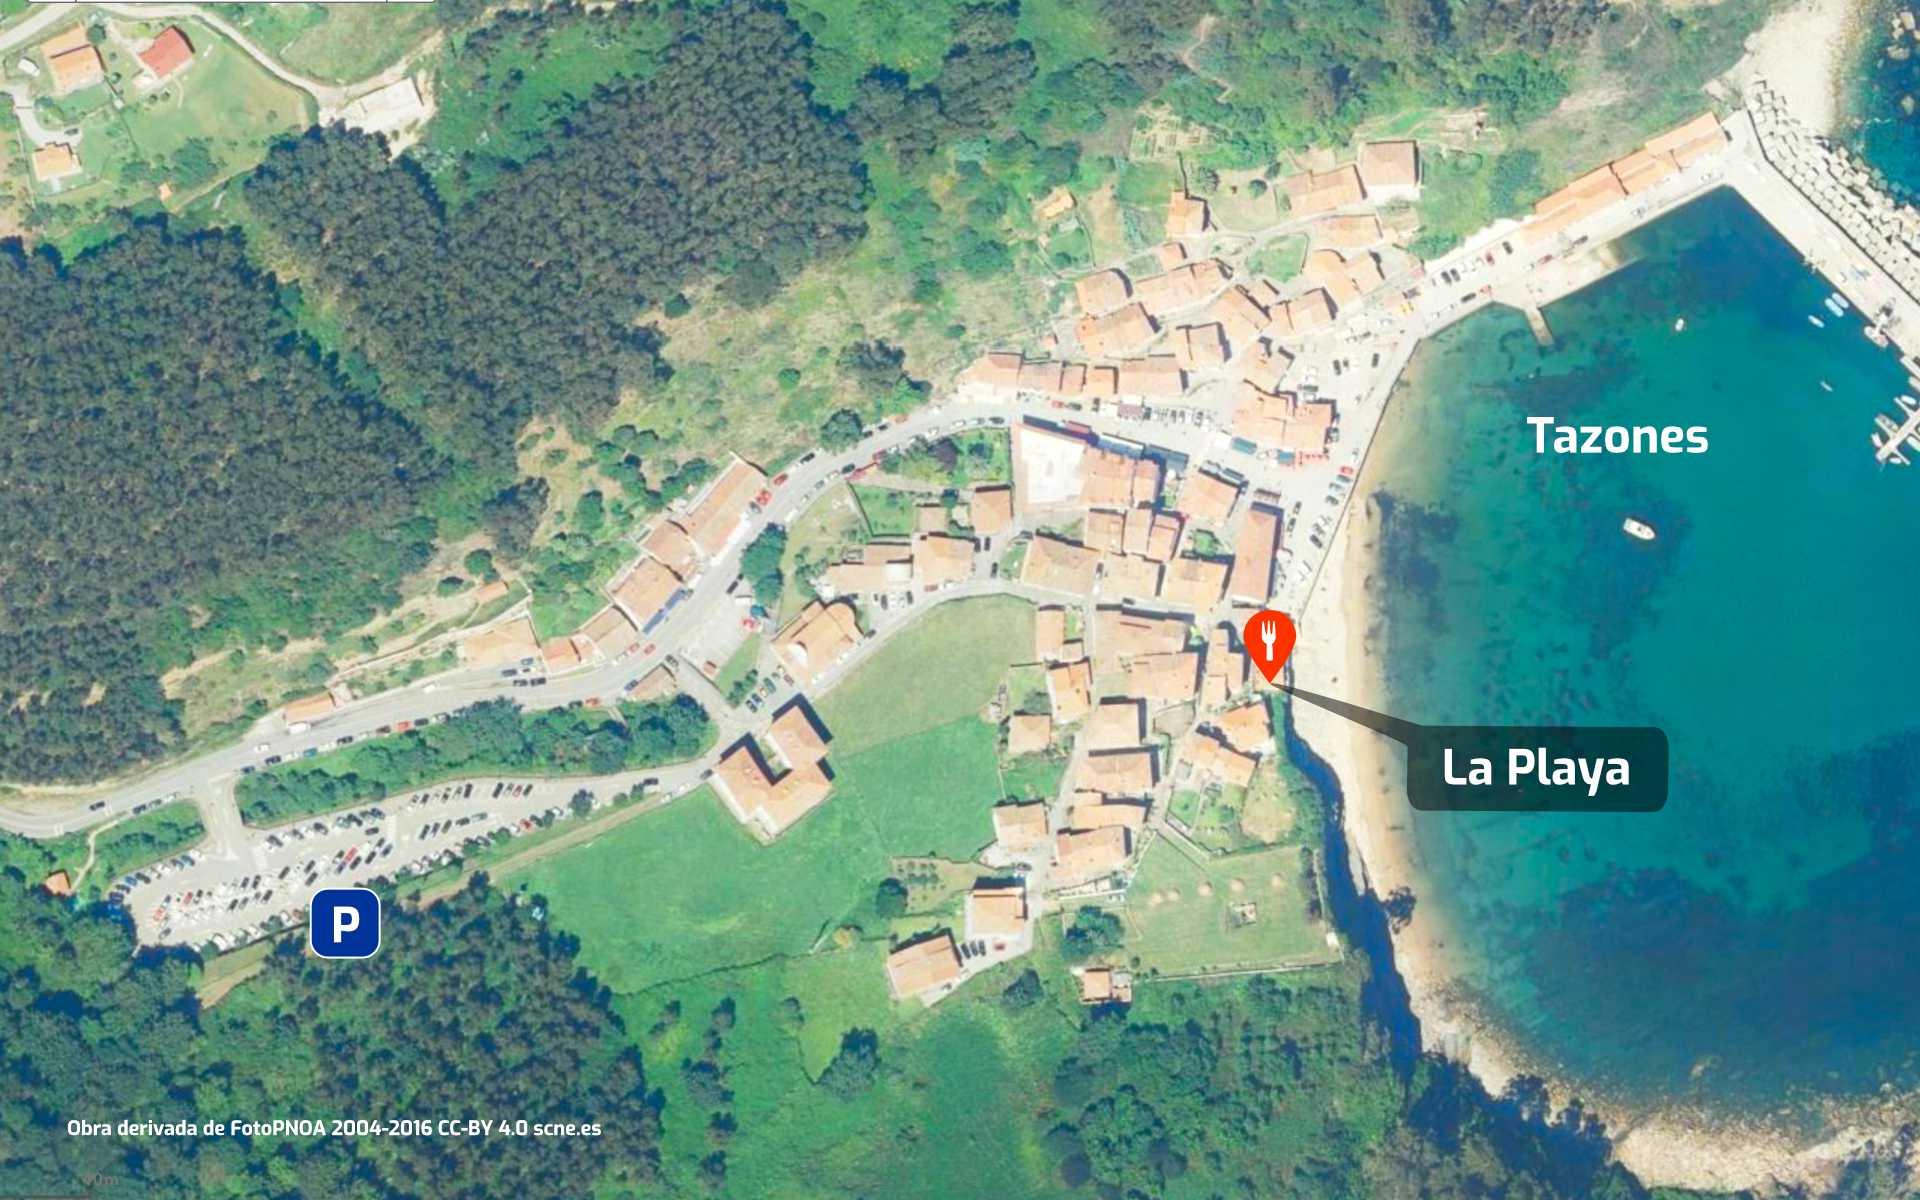 Mapa de cómo llegar al restaurante La Playa en Tazones, Asturias